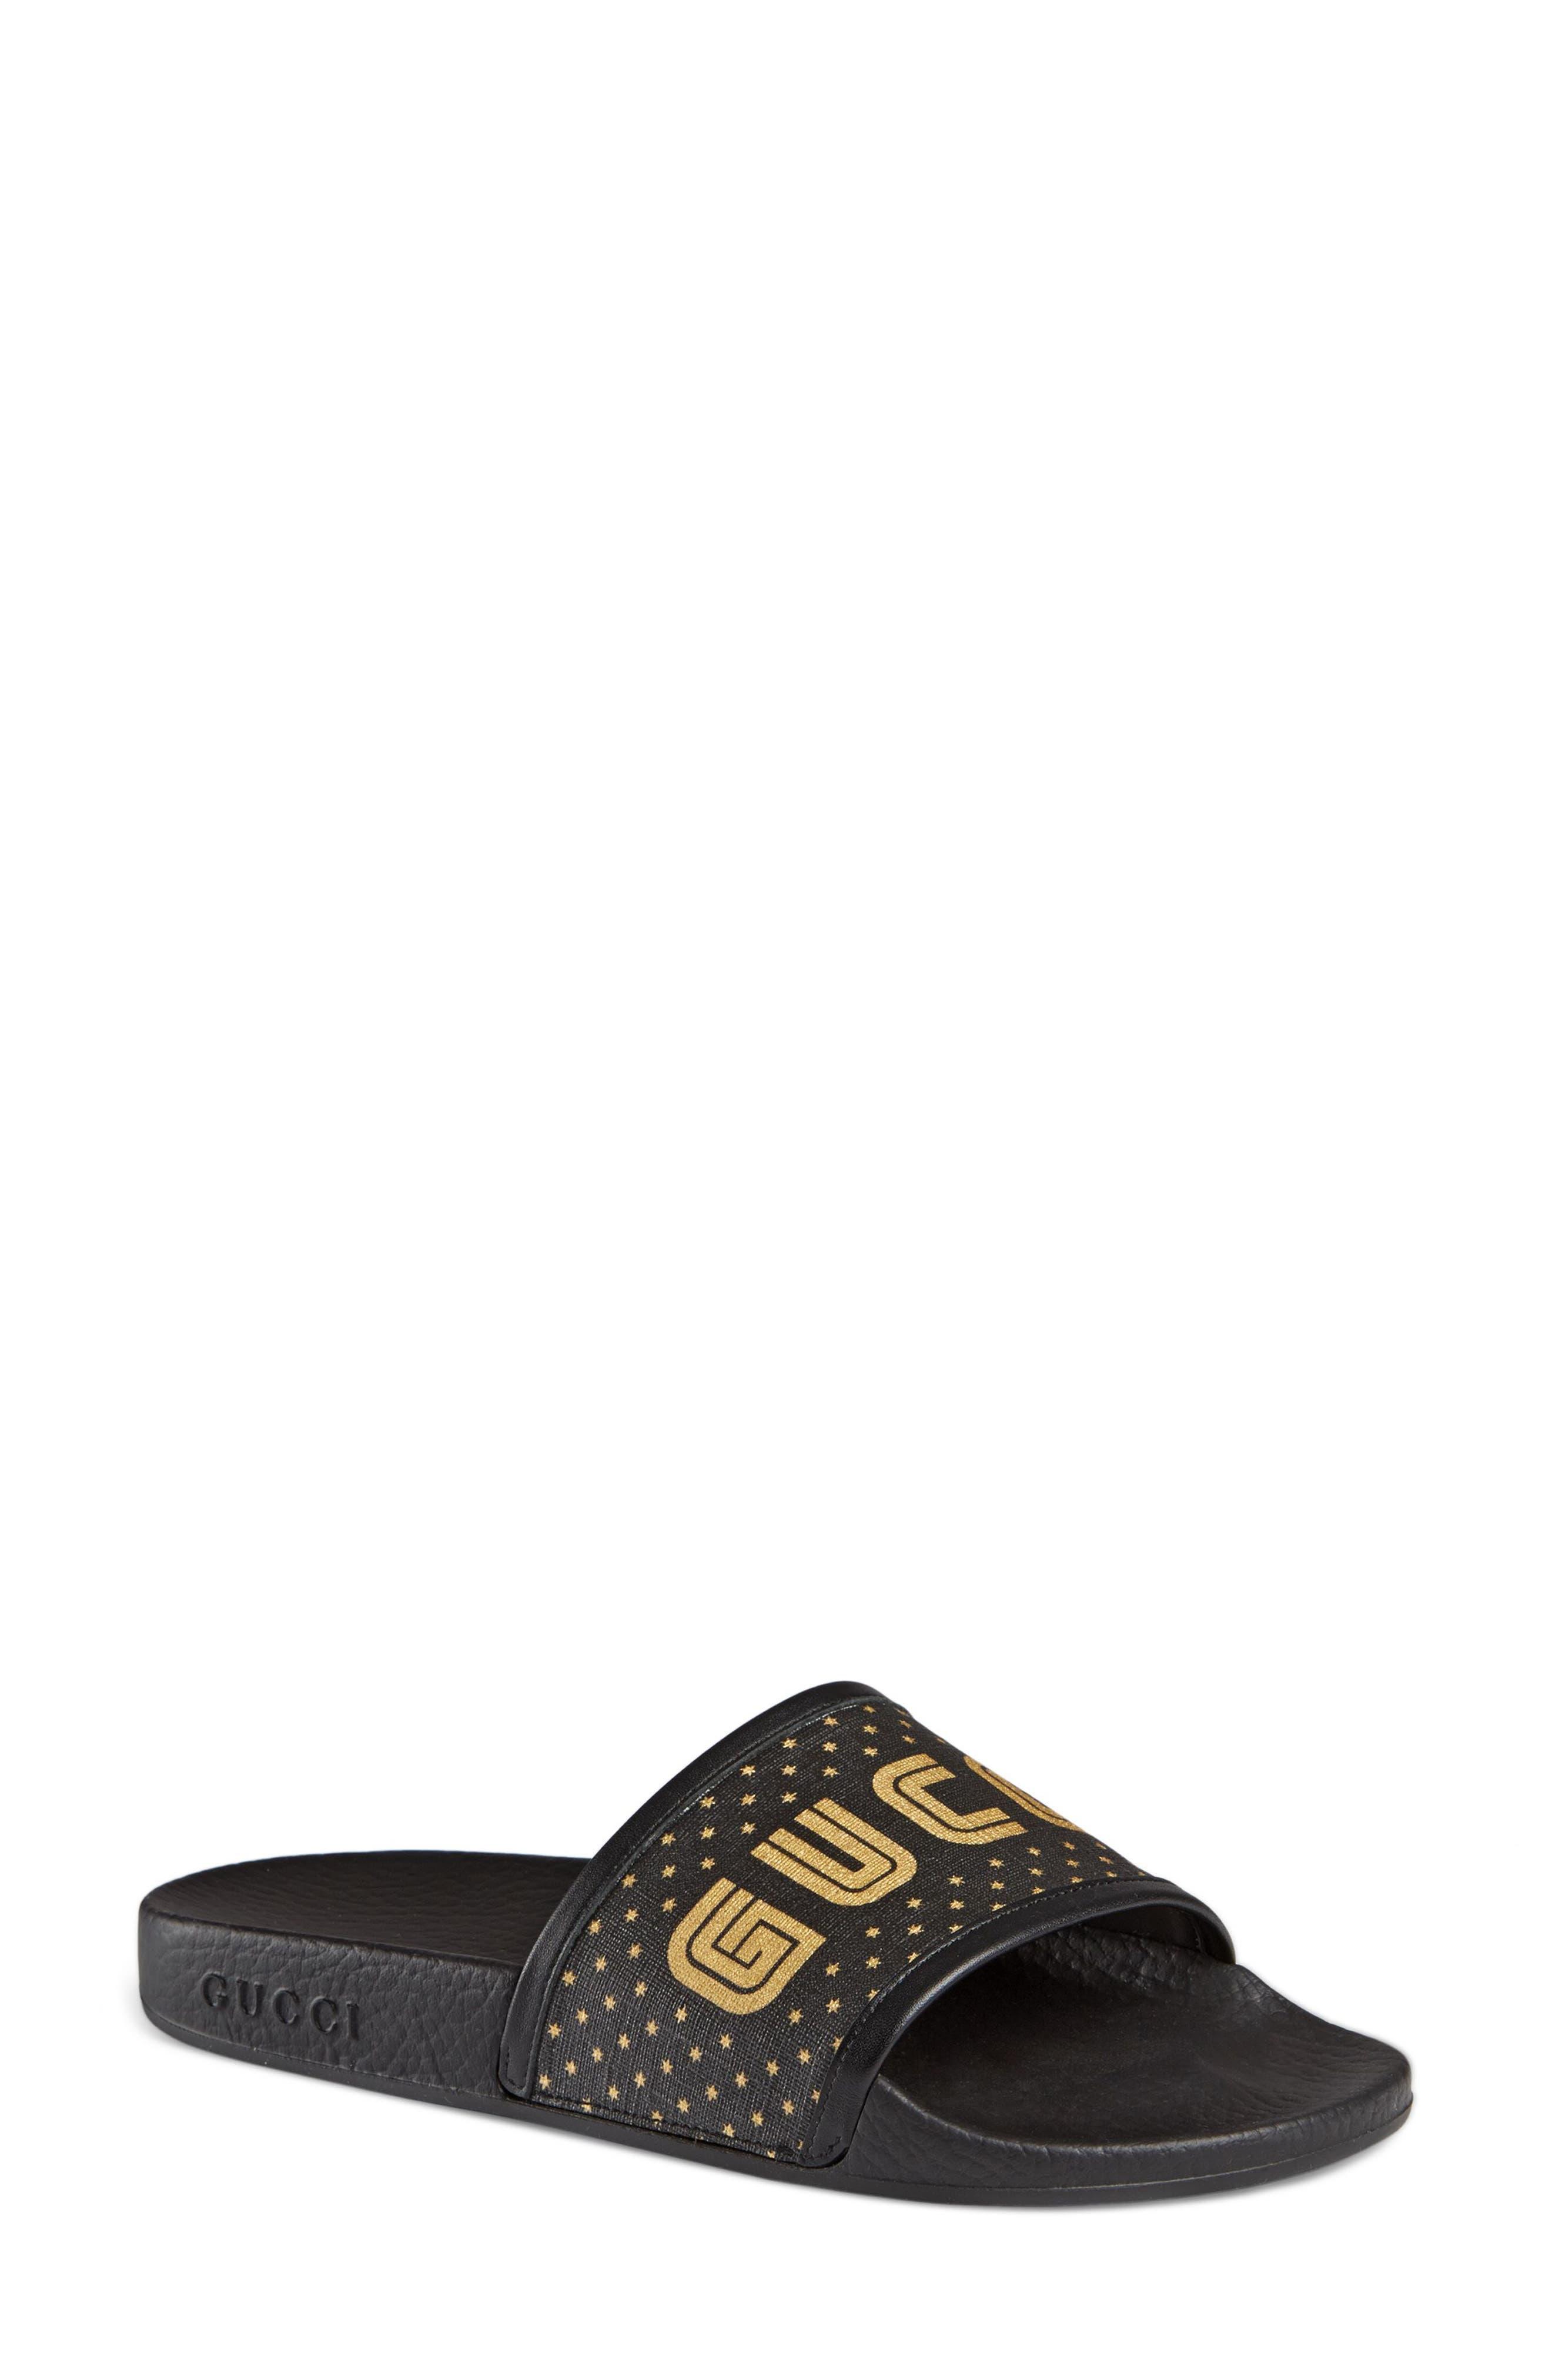 GUCCI Pursuit Guccy Logo Slide Sandal, Main, color, BLACK